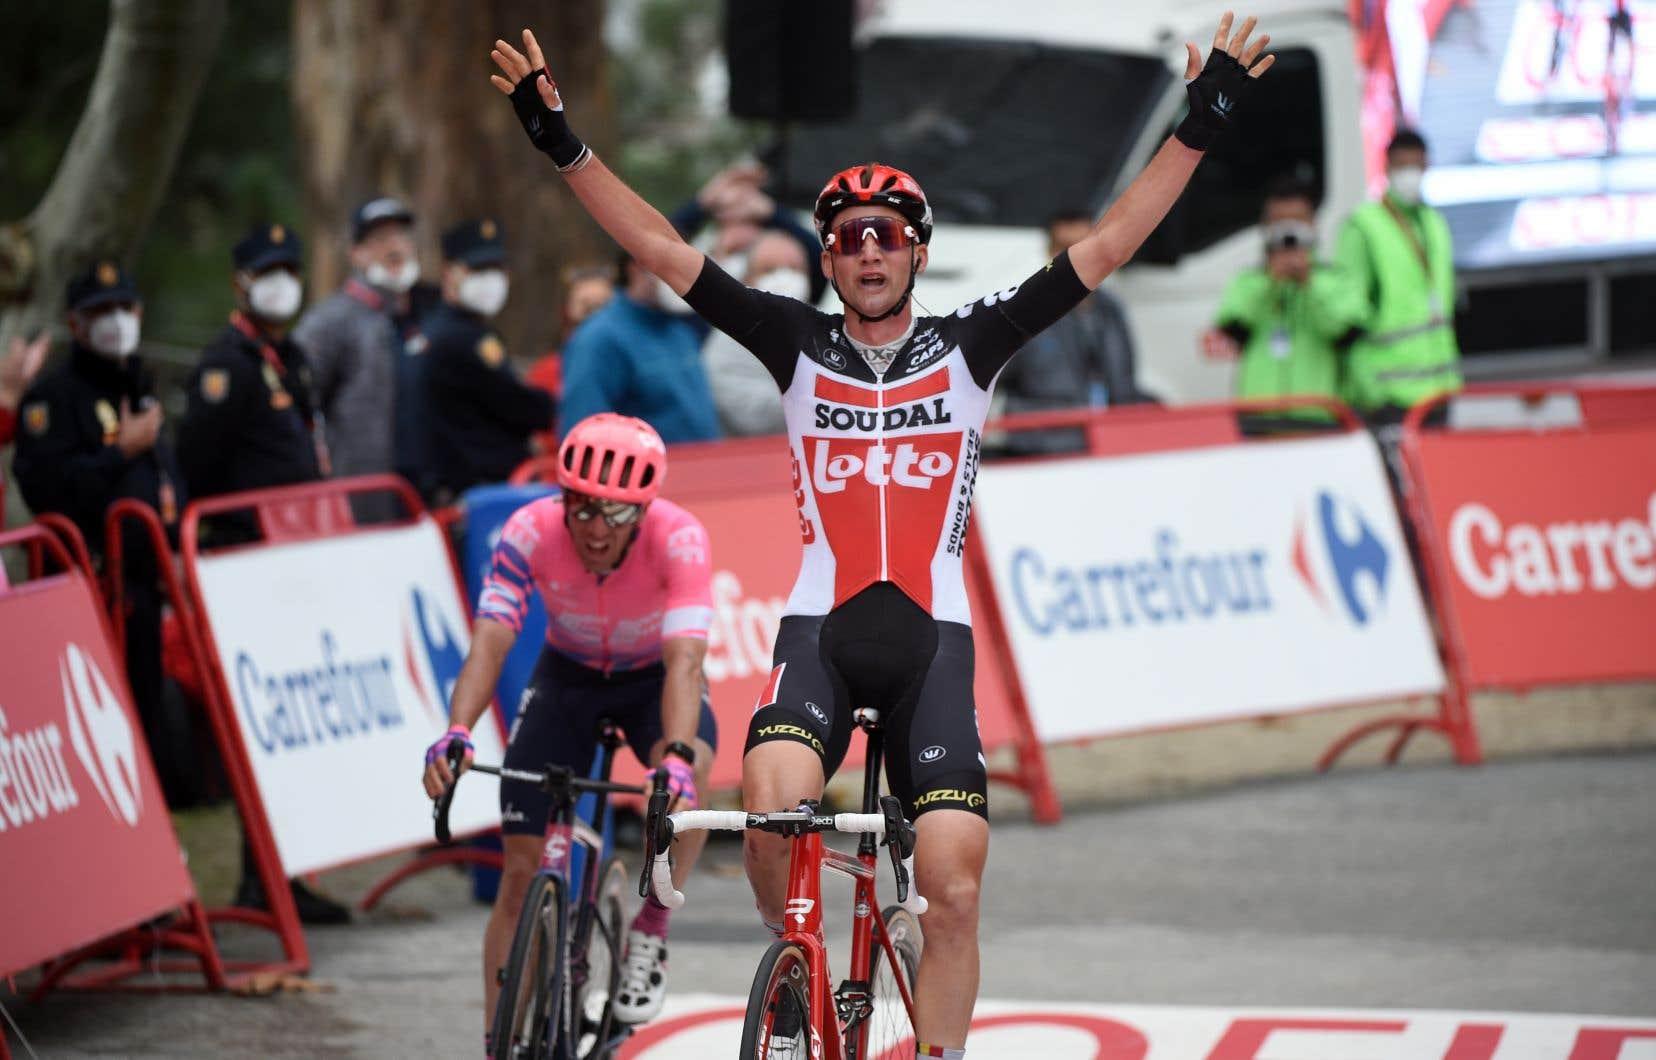 Tim Wellens a devancé de justesse le Canadien Michael Woods au sprint final de la 14e étape.